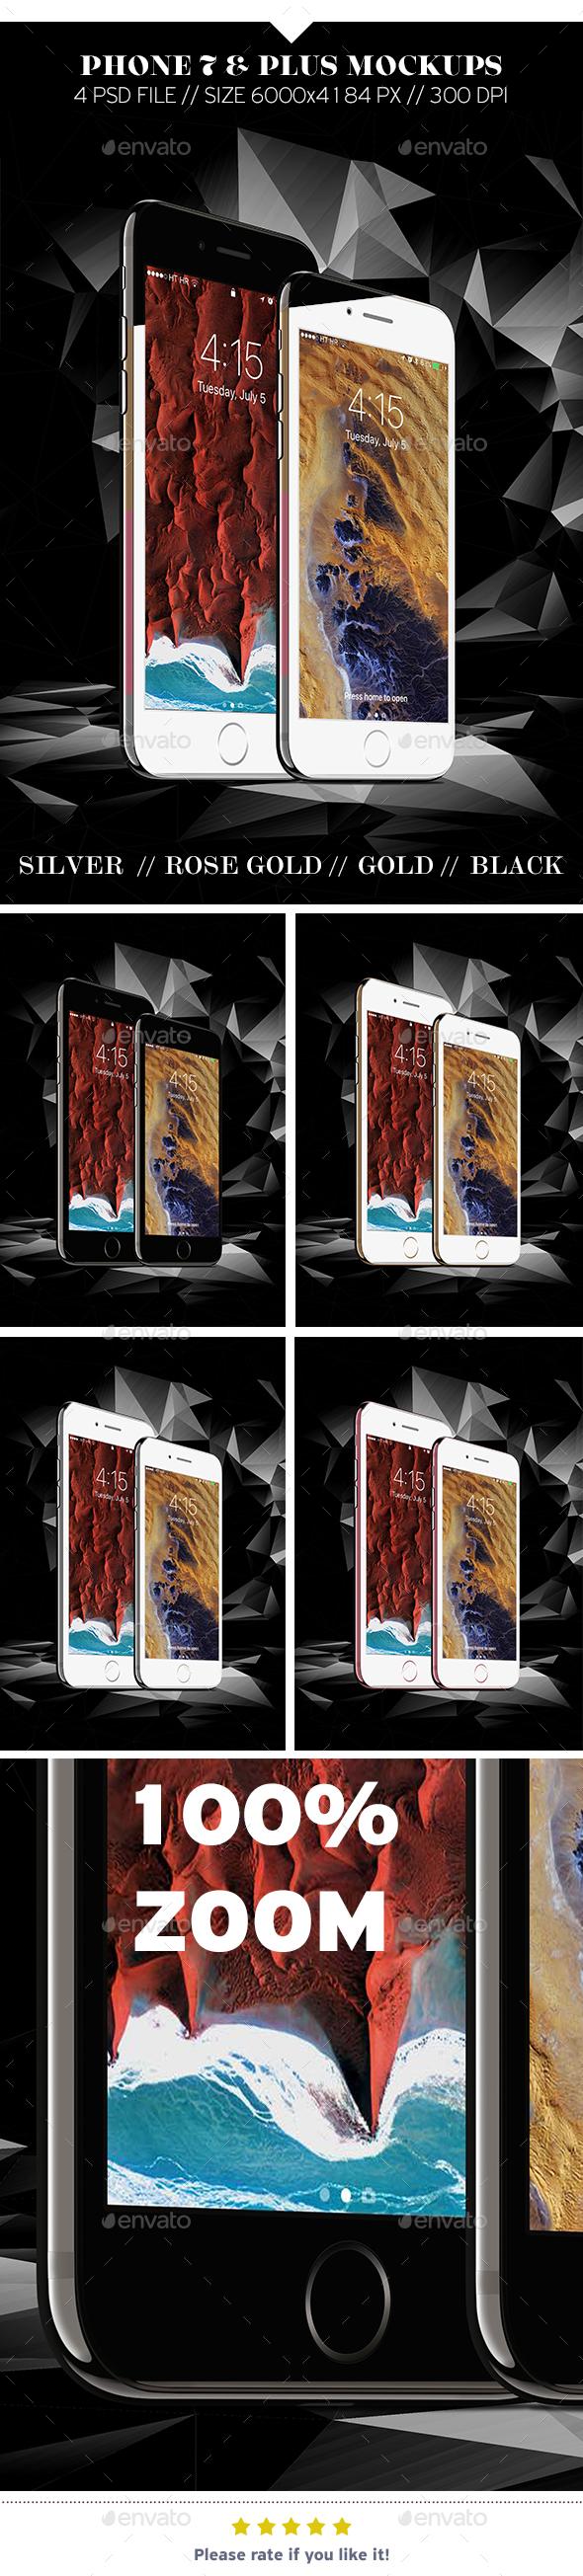 Phone 7 & Plus Mockups - Mobile Displays